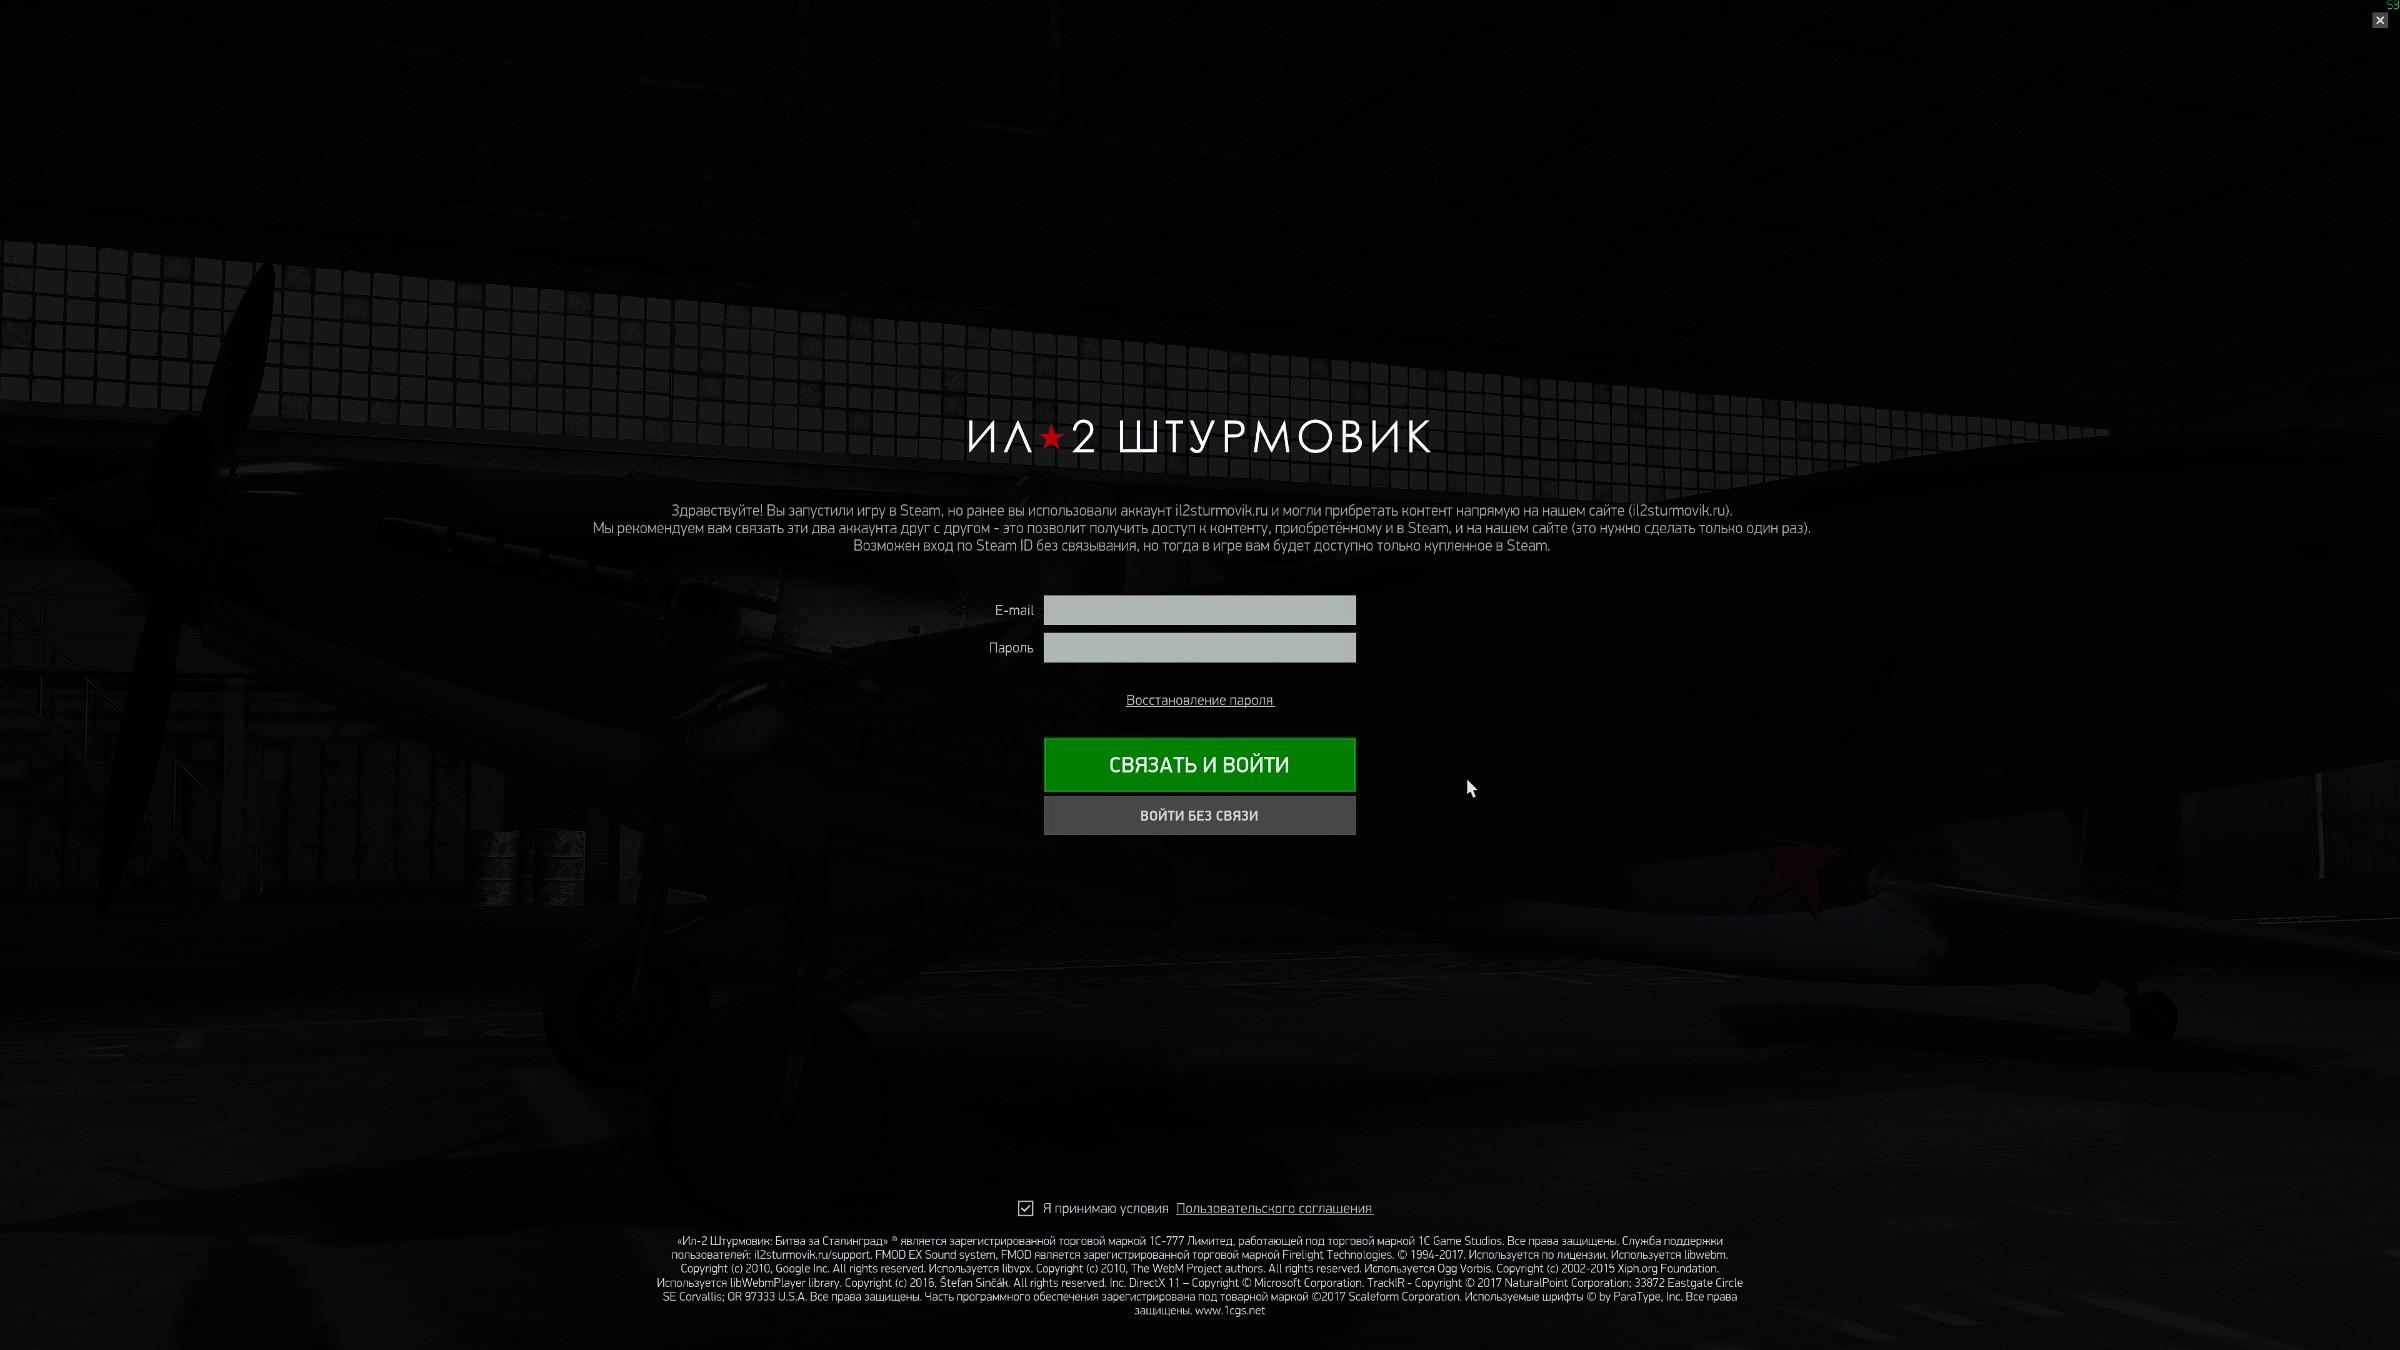 957035005_DesktopScreenshot2018_07.18-17_15_32_78.jpg.3585162b56ab94478bc9fcf7c5ab7c07.jpg